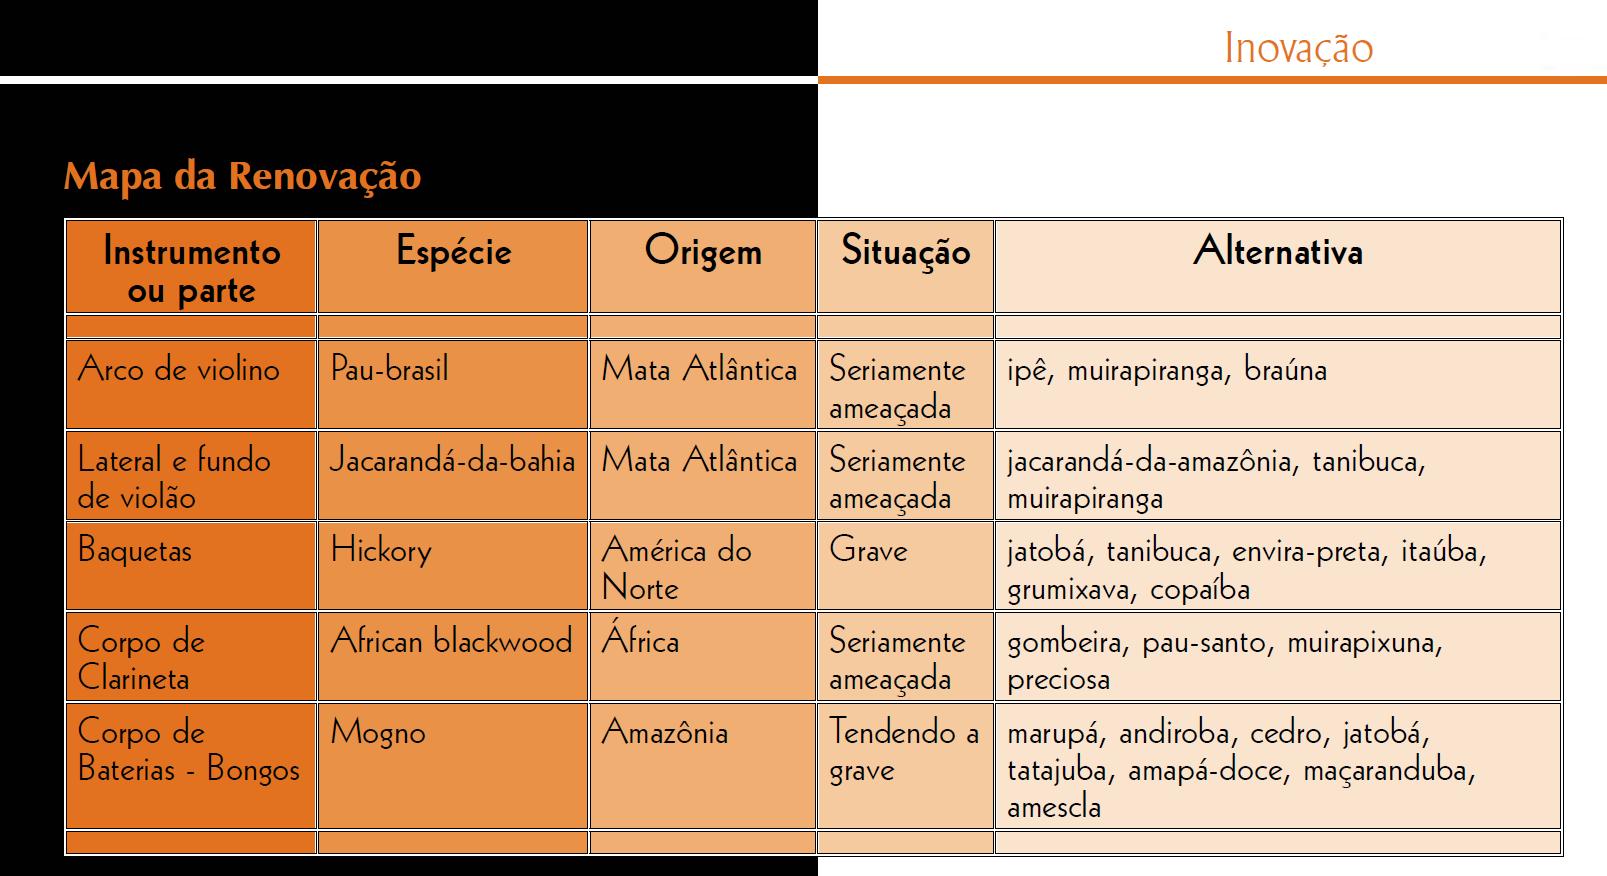 Fonte: Revista Ibama: uma janela para a informação ambiental (Ano II, nº 2).